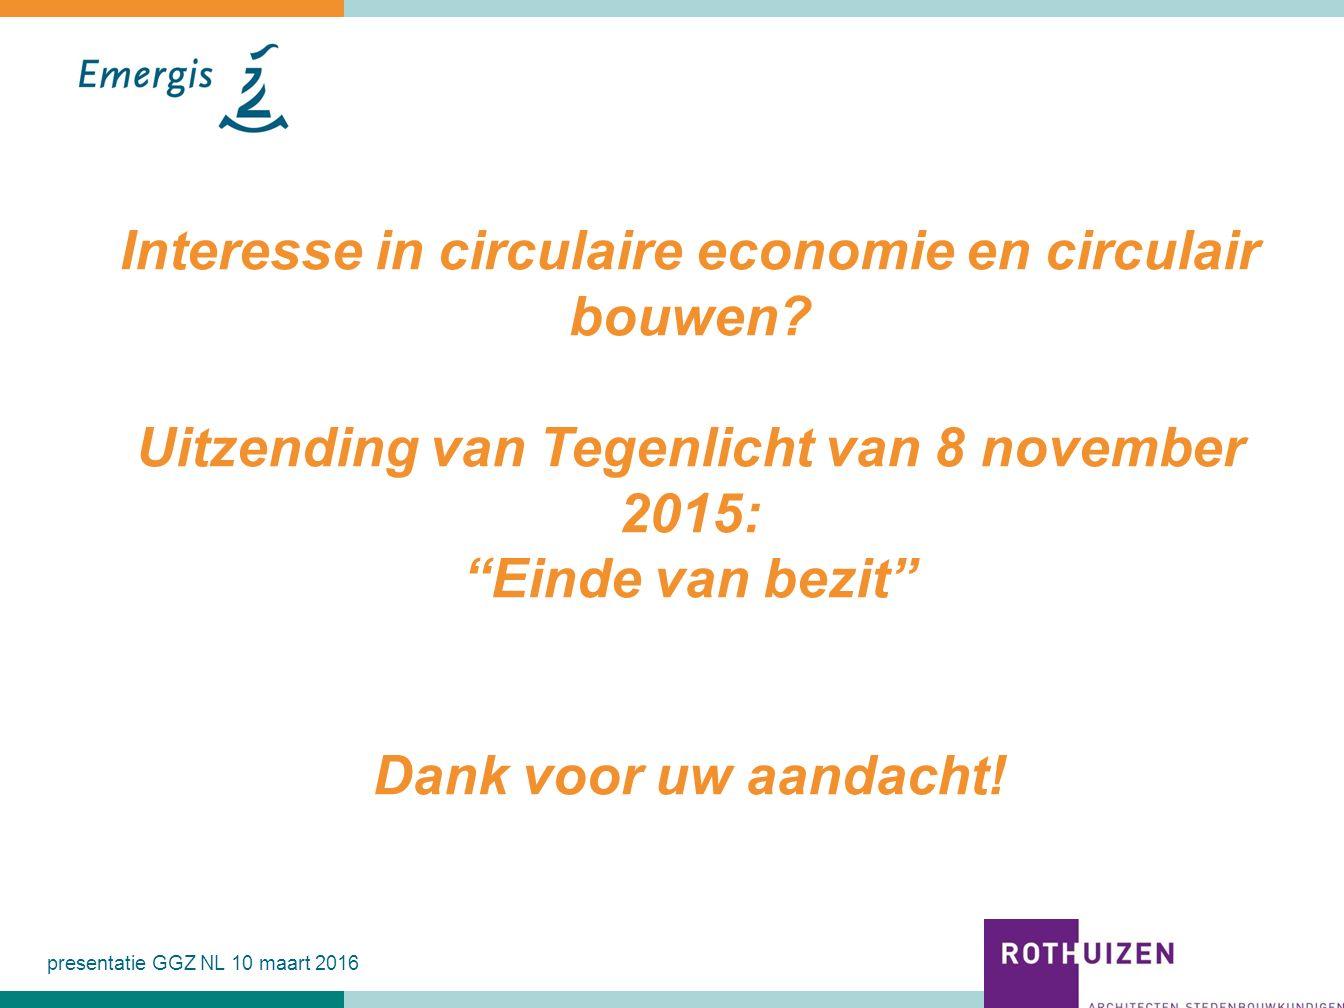 """Interesse in circulaire economie en circulair bouwen? Uitzending van Tegenlicht van 8 november 2015: """"Einde van bezit"""" Dank voor uw aandacht! presenta"""